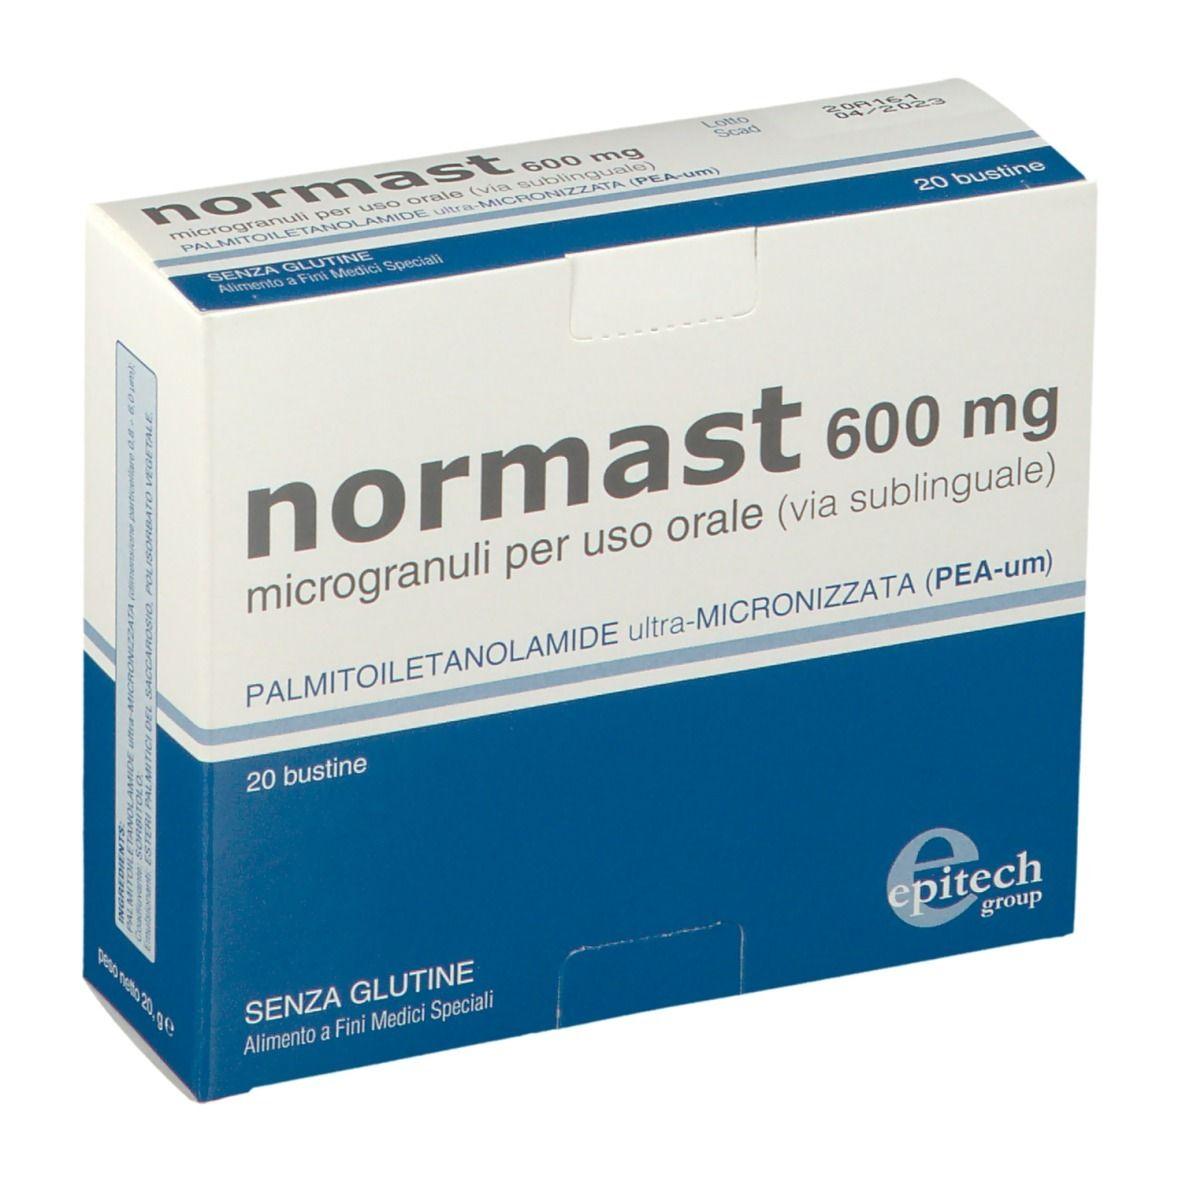 NORMAST 600 MG MICROGRANULI PER USO ORALE (VIA SUBLINGUALE). PALMITOILETANOLAMIDE ULTRA - MICRONIZZATA ( PEA - UM). SENZA GLUTINE. ALIMENTO A FINI MEDICI SPECIALI. 20 BUSTINE.